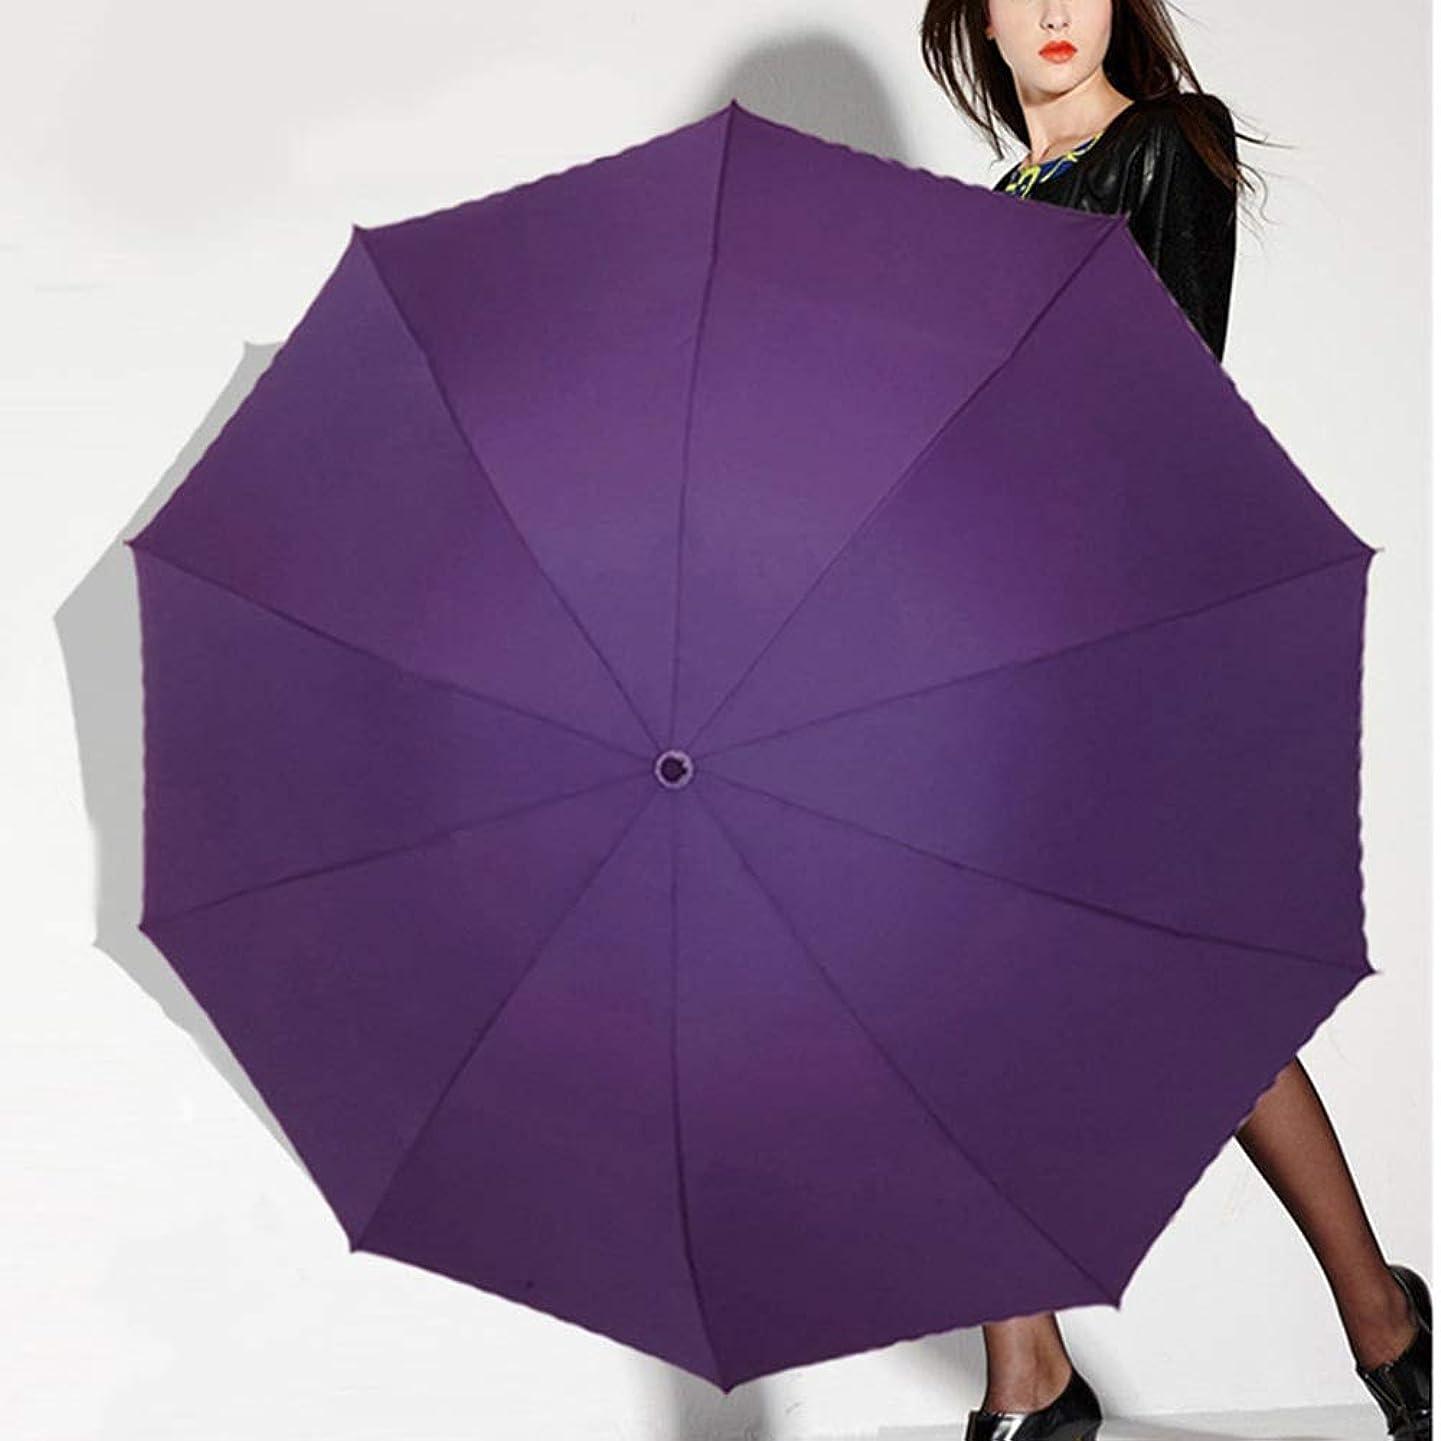 ご予約フクロウ砂漠DCAH 傘/折りたたみ式/防風/シンプルな大型ビジネス傘女性と男性(4色使用可能) 傘立て (色 : Purple)